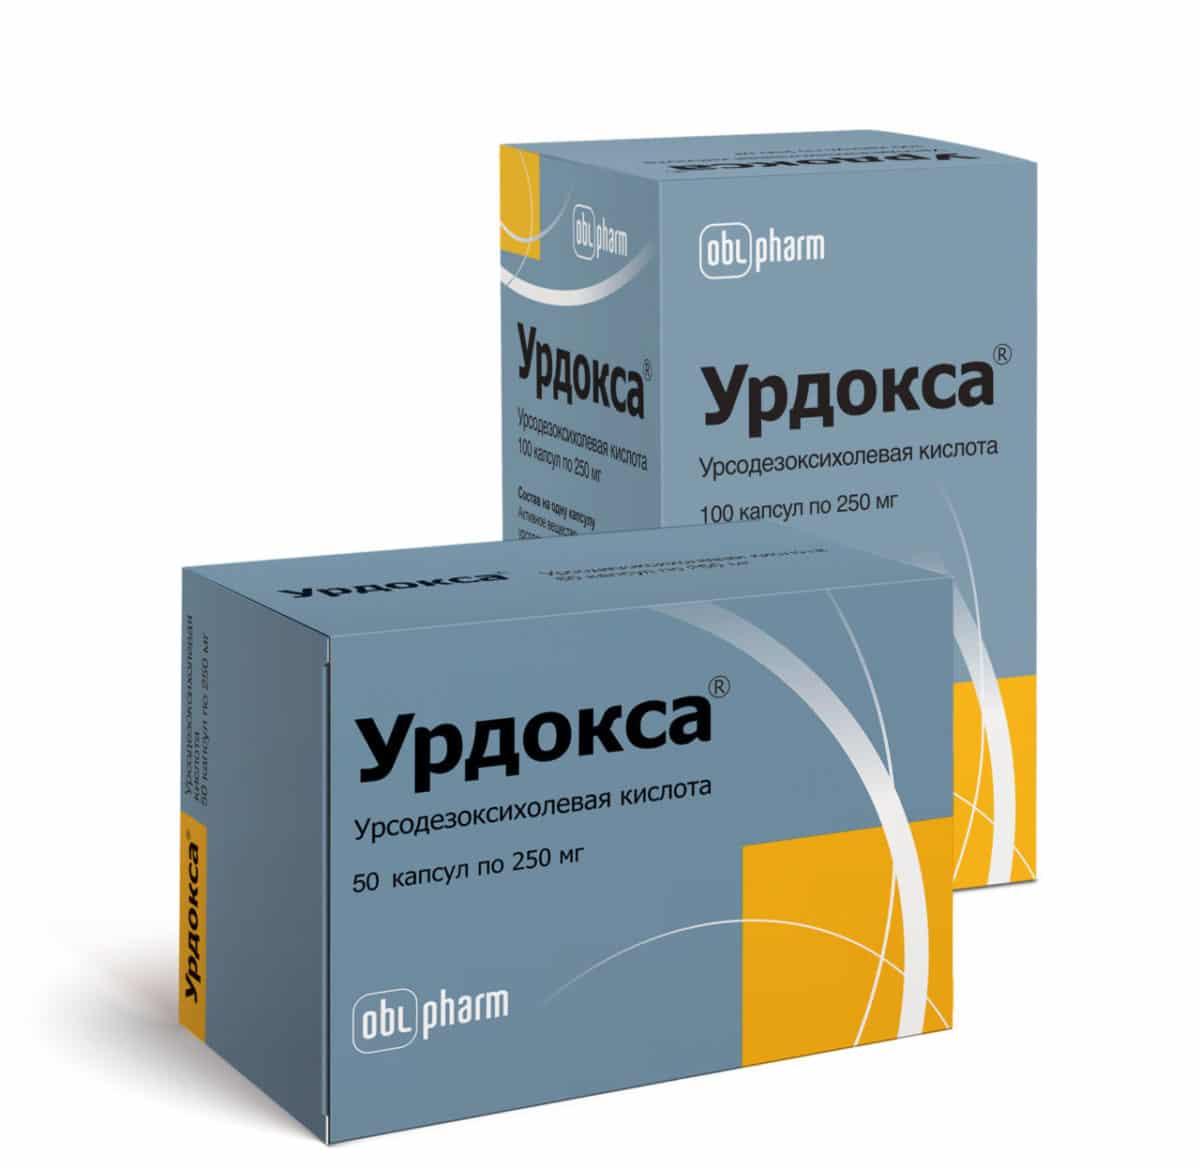 Фосфоглив – аналоги дешевле (список с ценами), чем заменить препарат